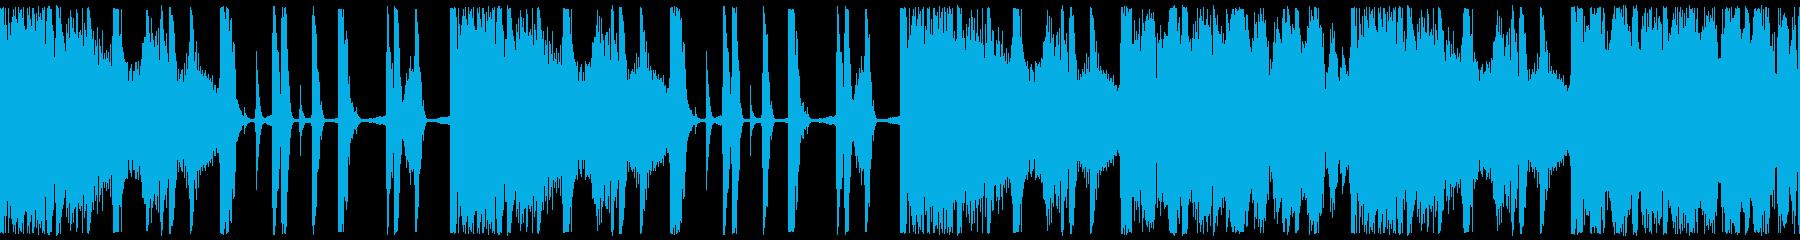 ループ素材:ヒップホップ/おしゃれの再生済みの波形